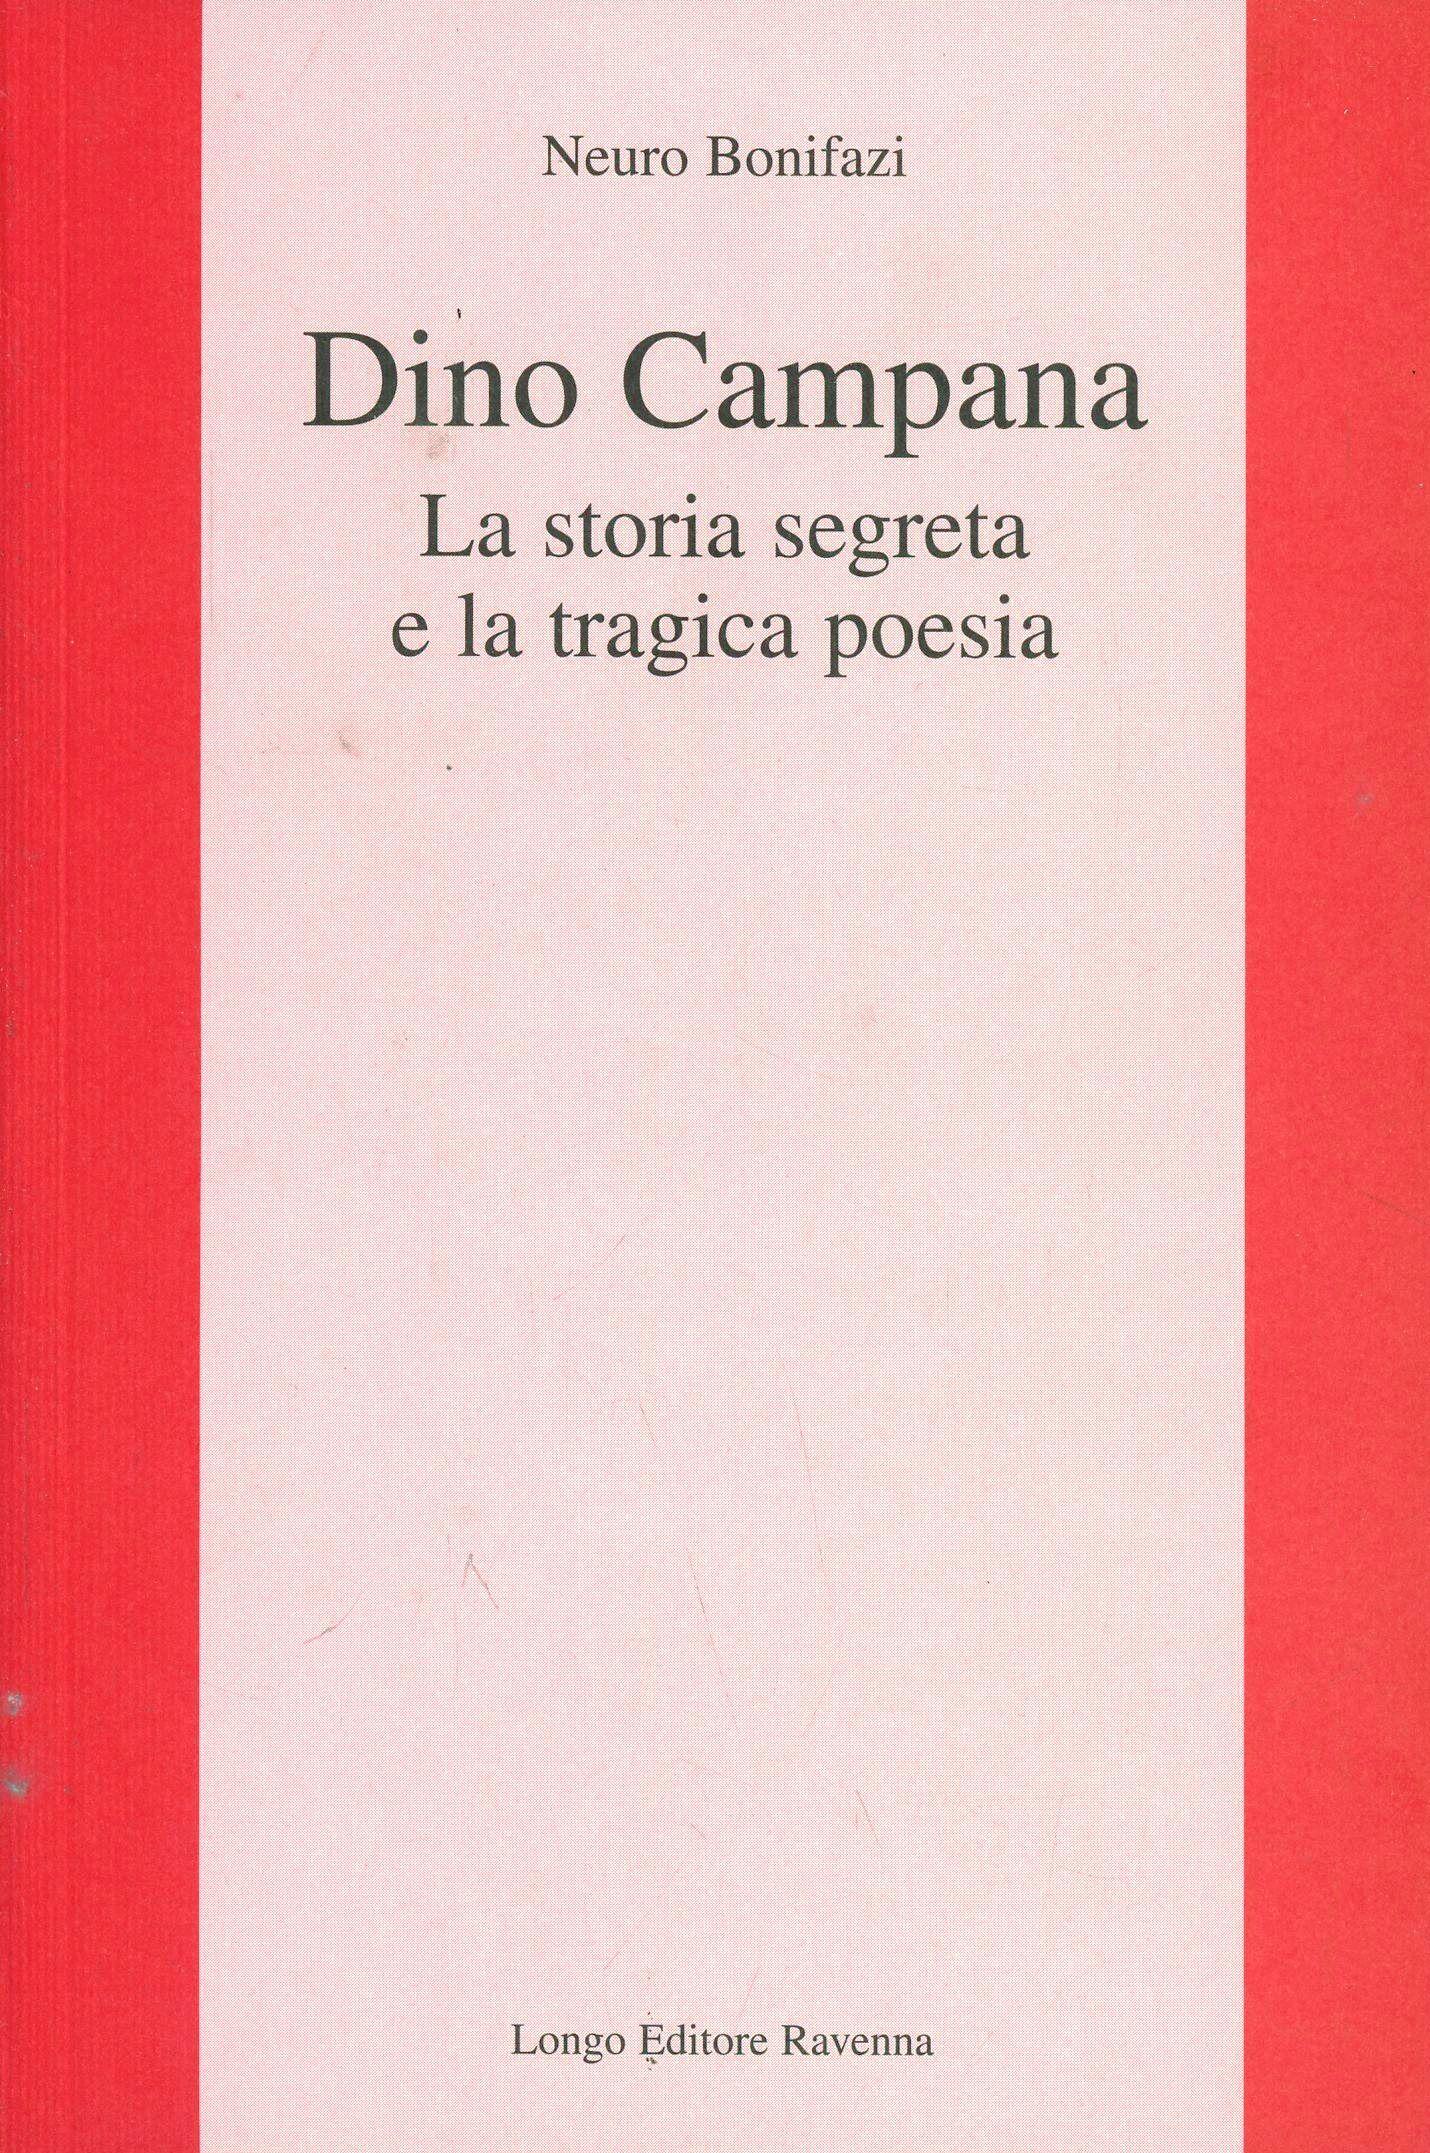 Dino Campana. La storia segreta e la tragica poesia